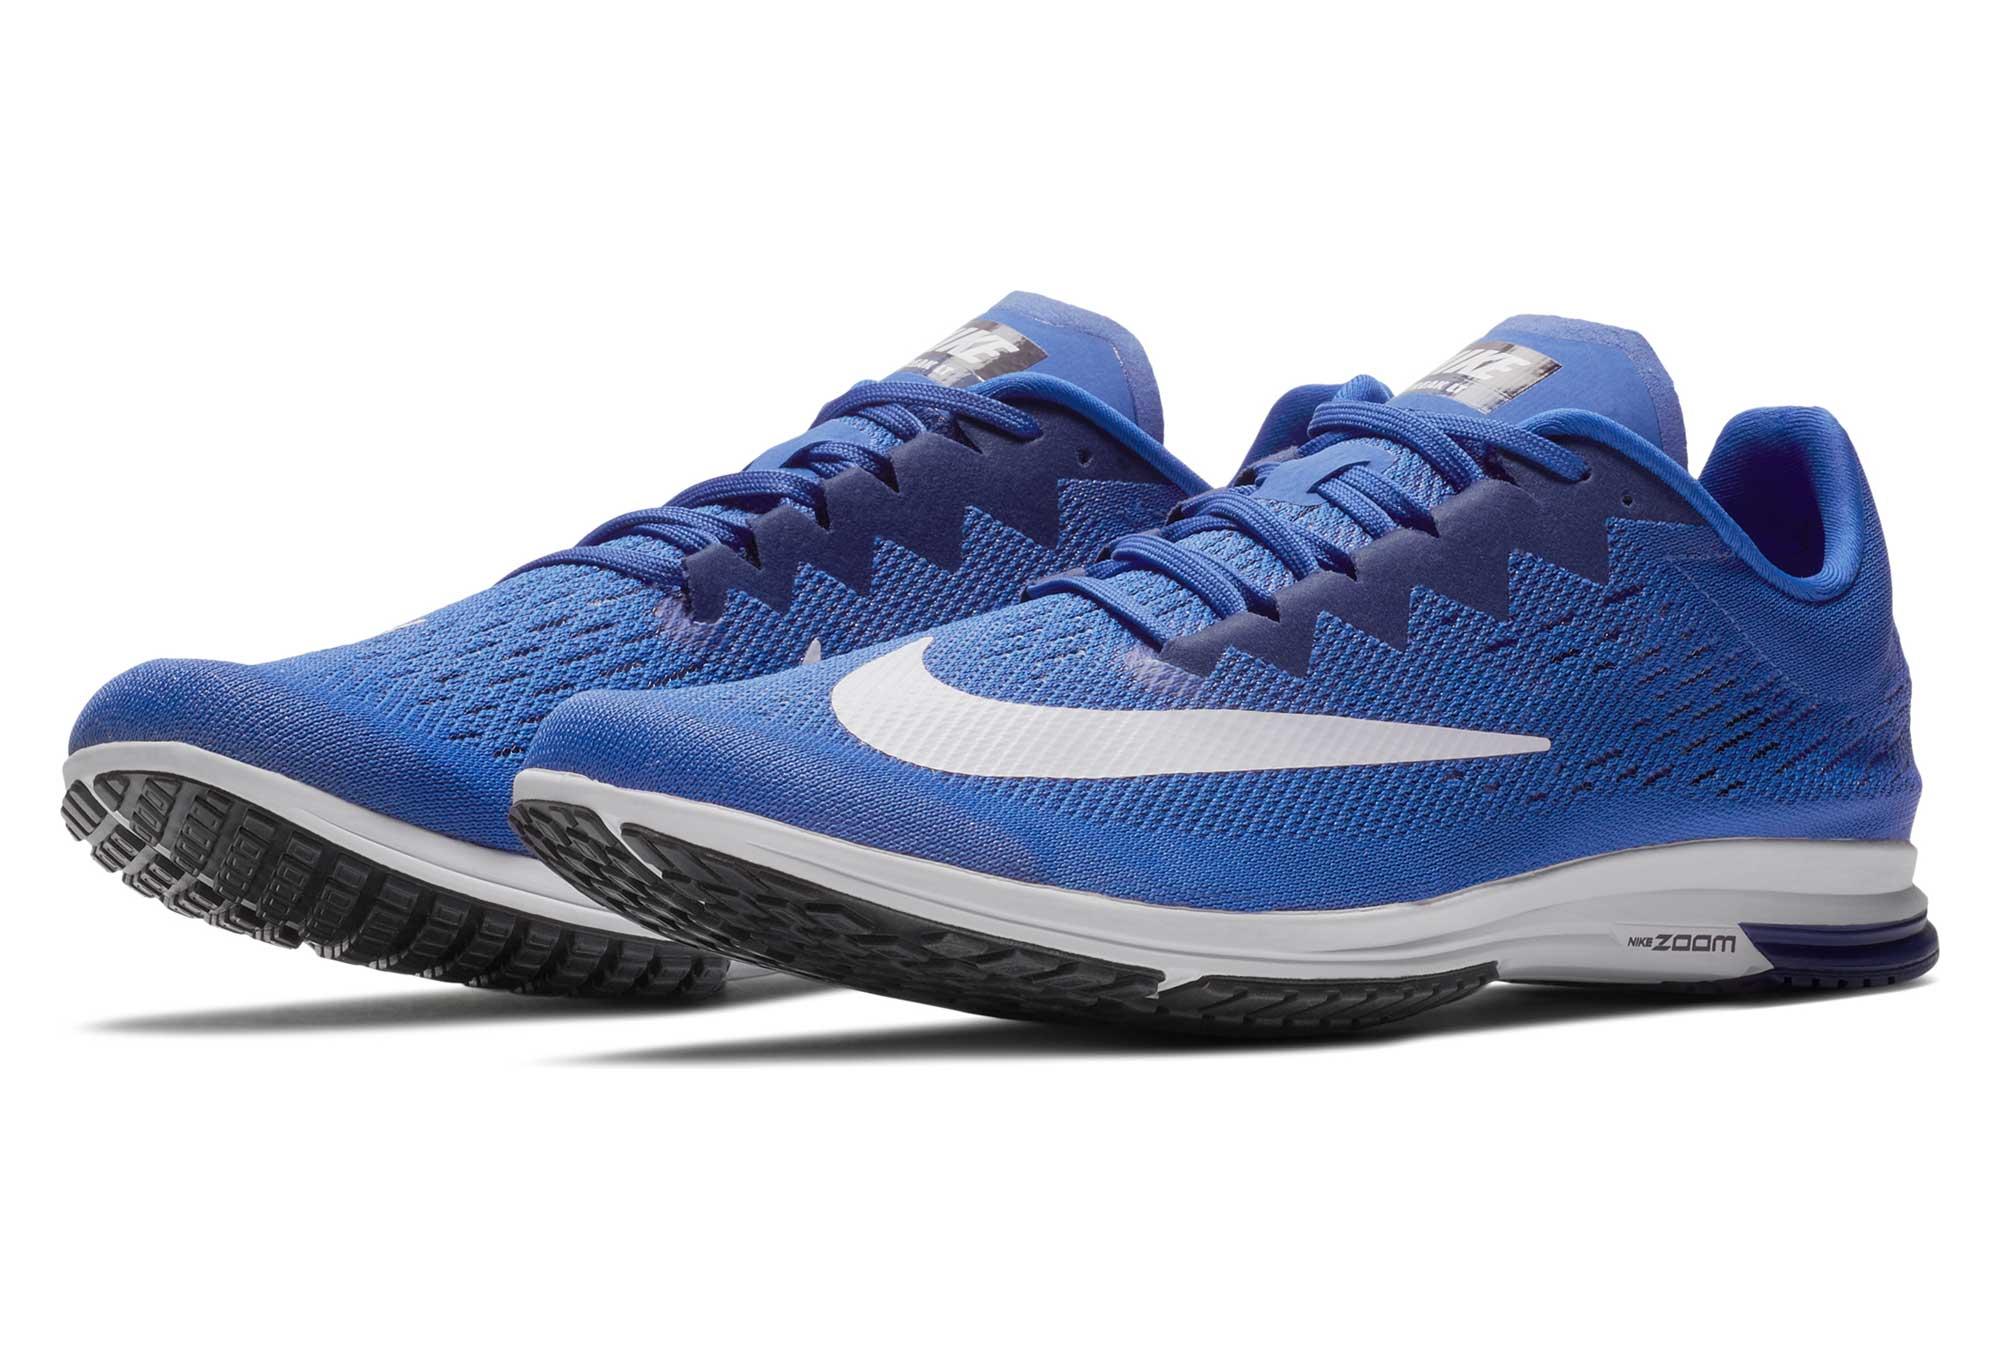 Chaussures de Running Nike Air Zoom Streak LT 4 Bleu Foncé